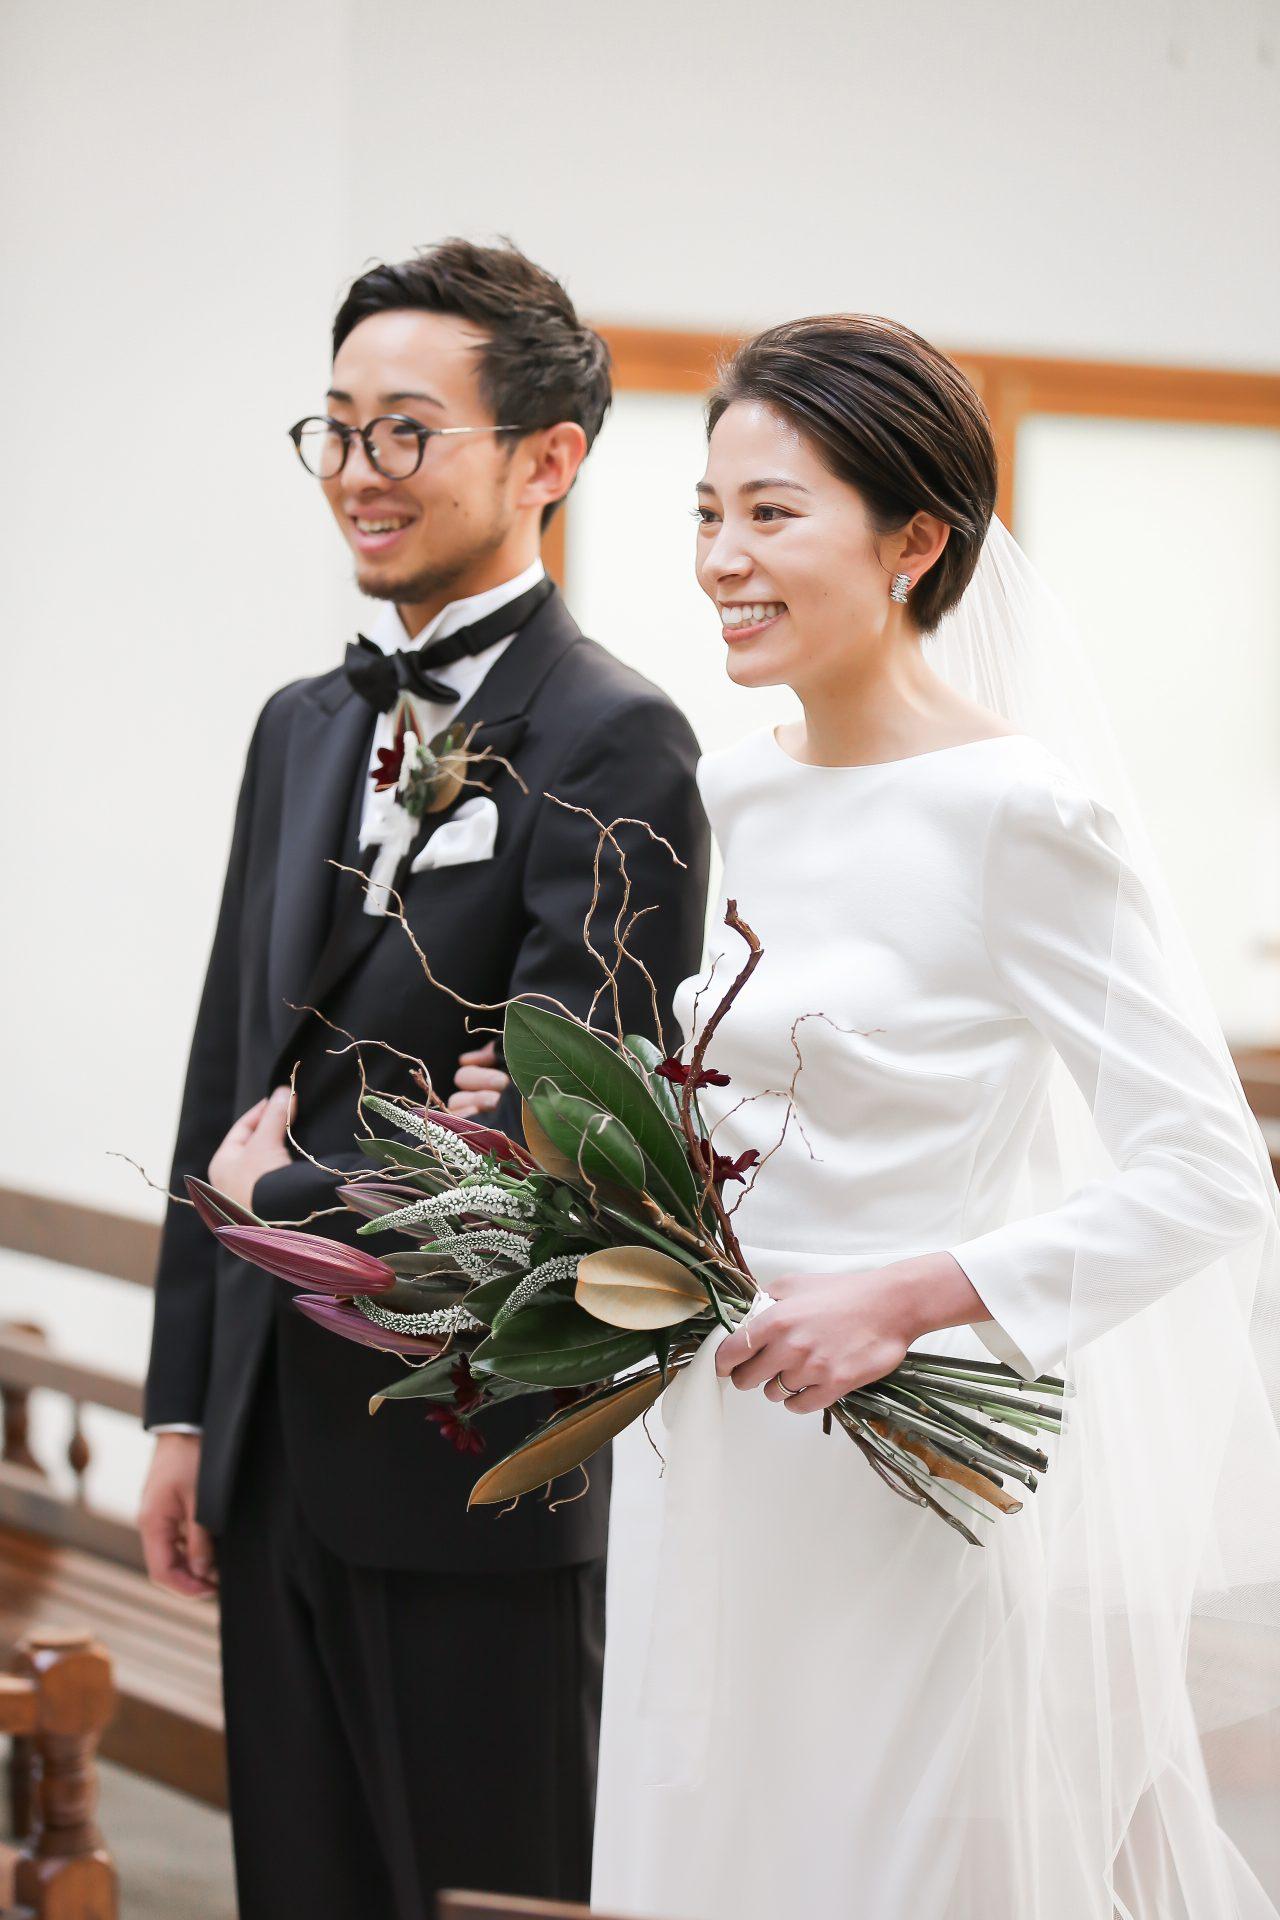 THE TREAT DRESSINGがザ・ナンザンハウスのチャペルでのご家族との対面式